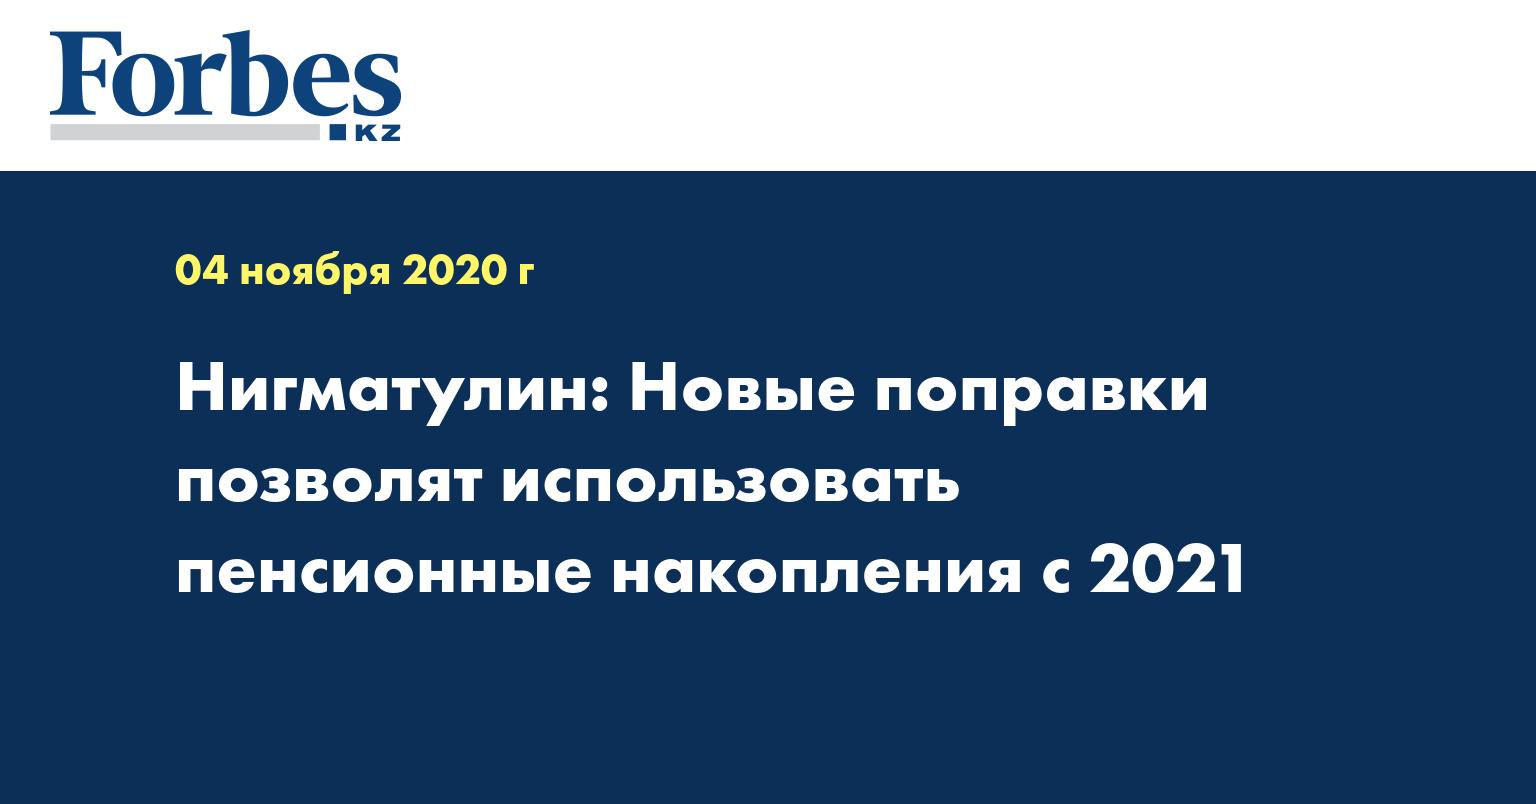 Нигматулин: Новые поправки позволят использовать пенсионные накопления с 2021